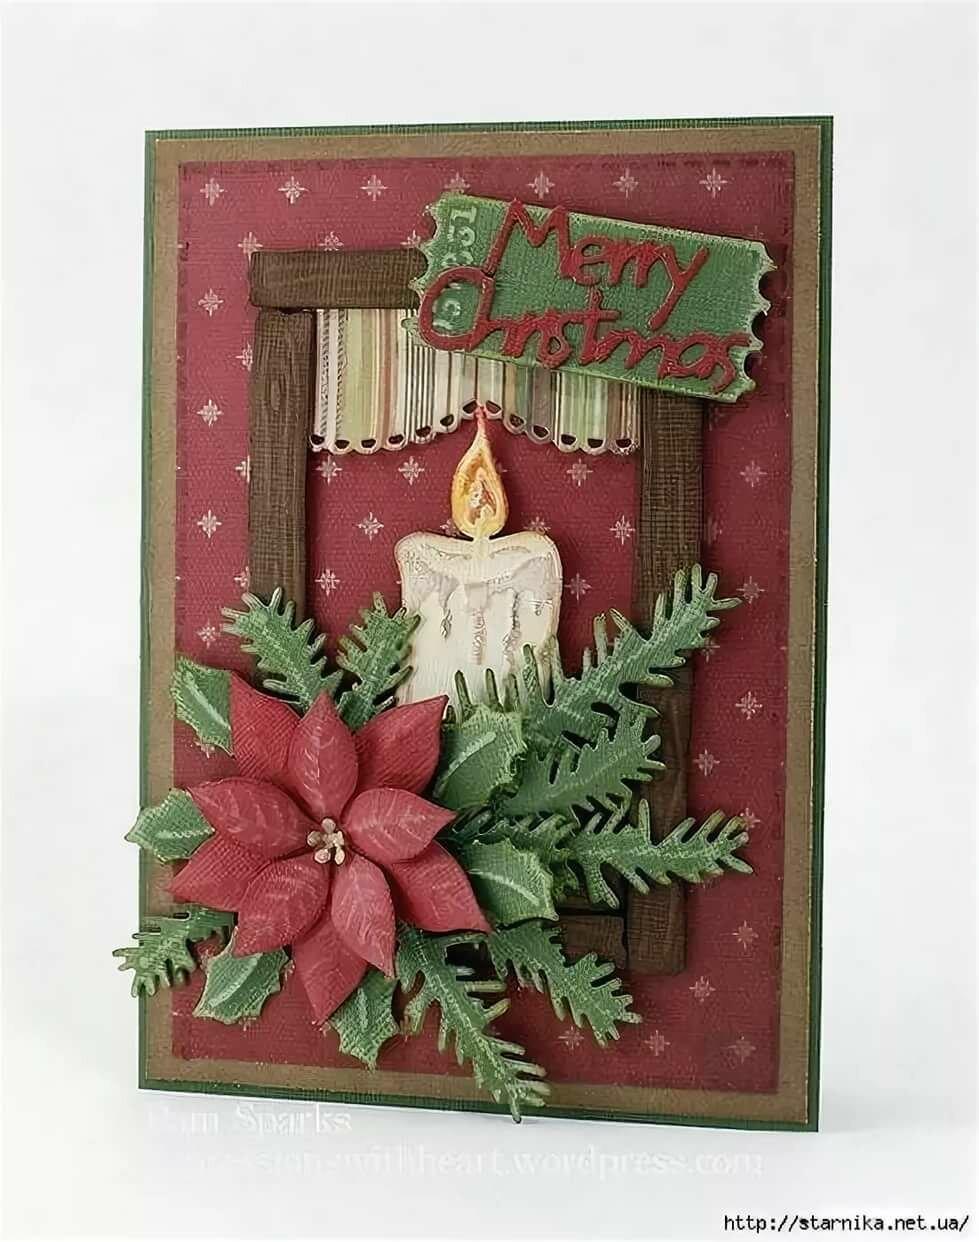 ваше открытки к рождеству своими руками мастер класс времена сцены эротического